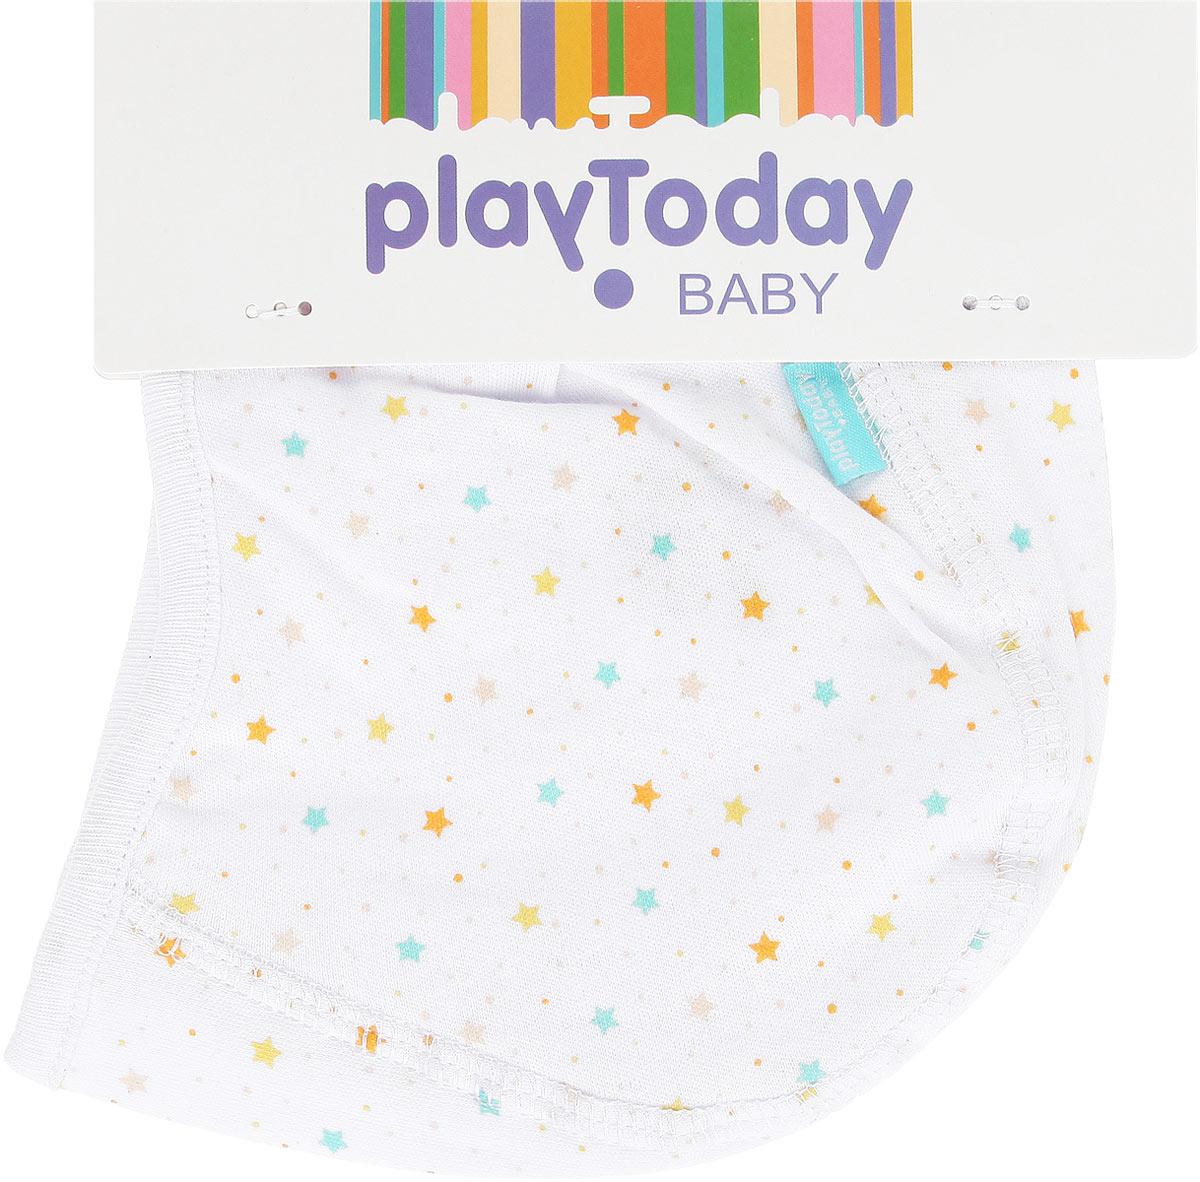 Чепчик167862Мягкий чепчик PlayToday Baby, изготовленный из натурального хлопка, не раздражает нежную кожу ребенка и хорошо вентилируется. Плоские швы обеспечивают крохе максимальный комфорт. Модель по краю дополнена трикотажной резинкой. С помощью завязок можно регулировать обхват головы и шеи. В комплект входят два чепчика. Одна модель оформлена мелким принтом со звездочками, вторая - однотонная. Чепчик необходим любому младенцу, он защищает еще не заросший родничок, щадит чувствительный слух малыша, прикрывая ушки, а также предохраняет от теплопотери.